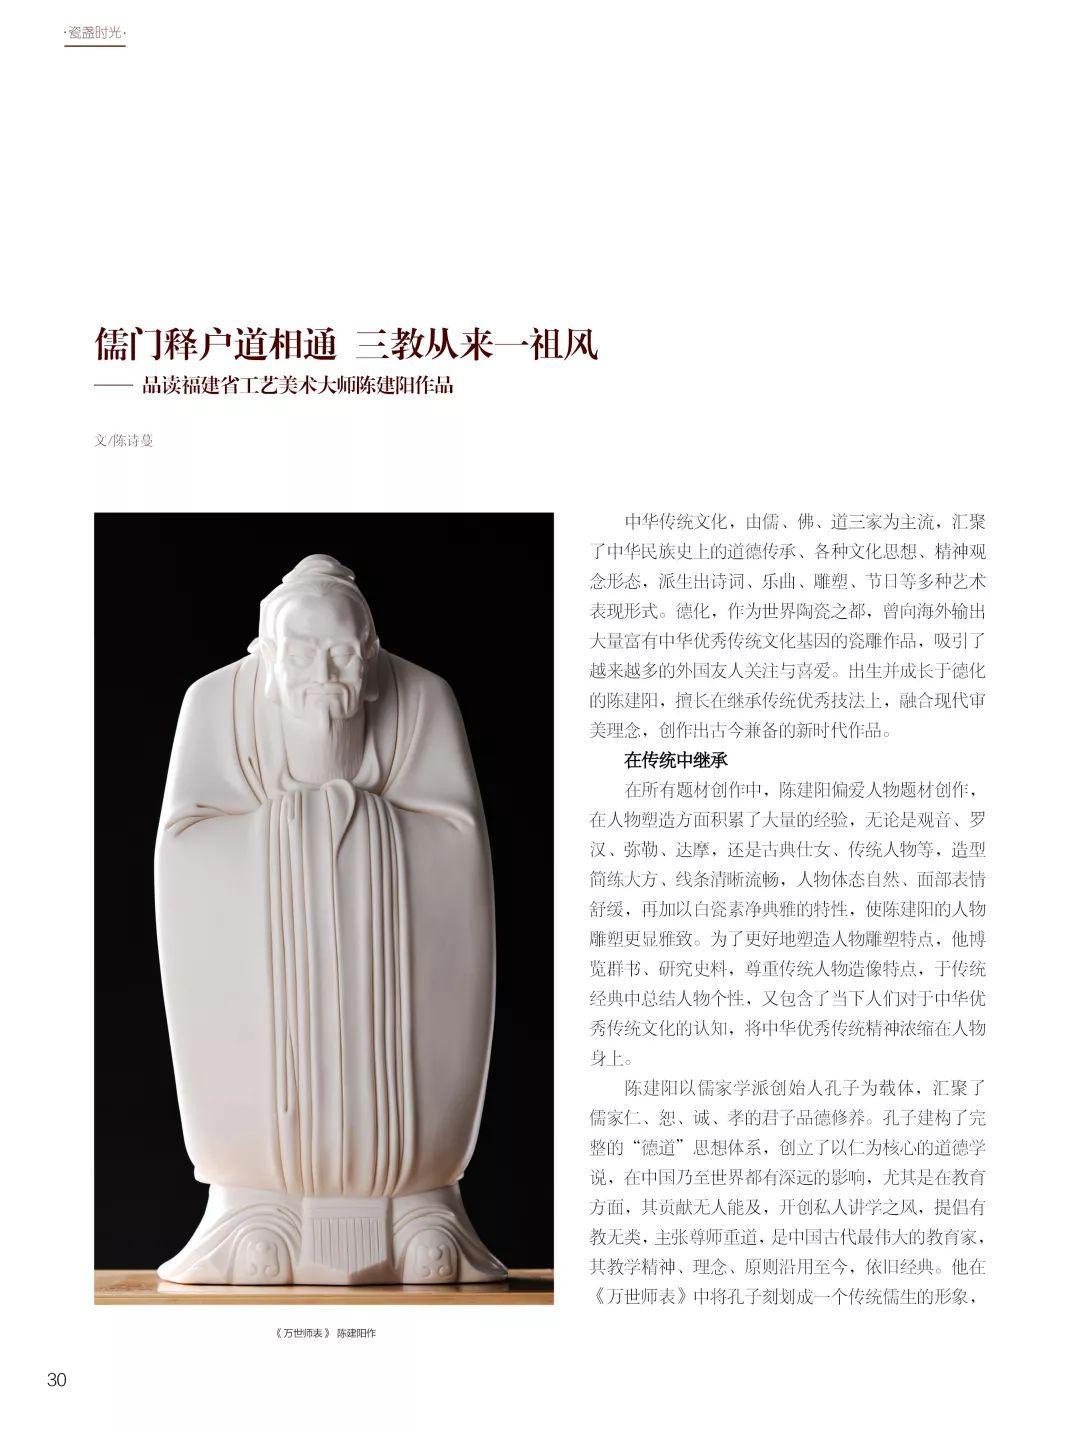 陈建阳:儒门释户道相通  三教从来一祖风